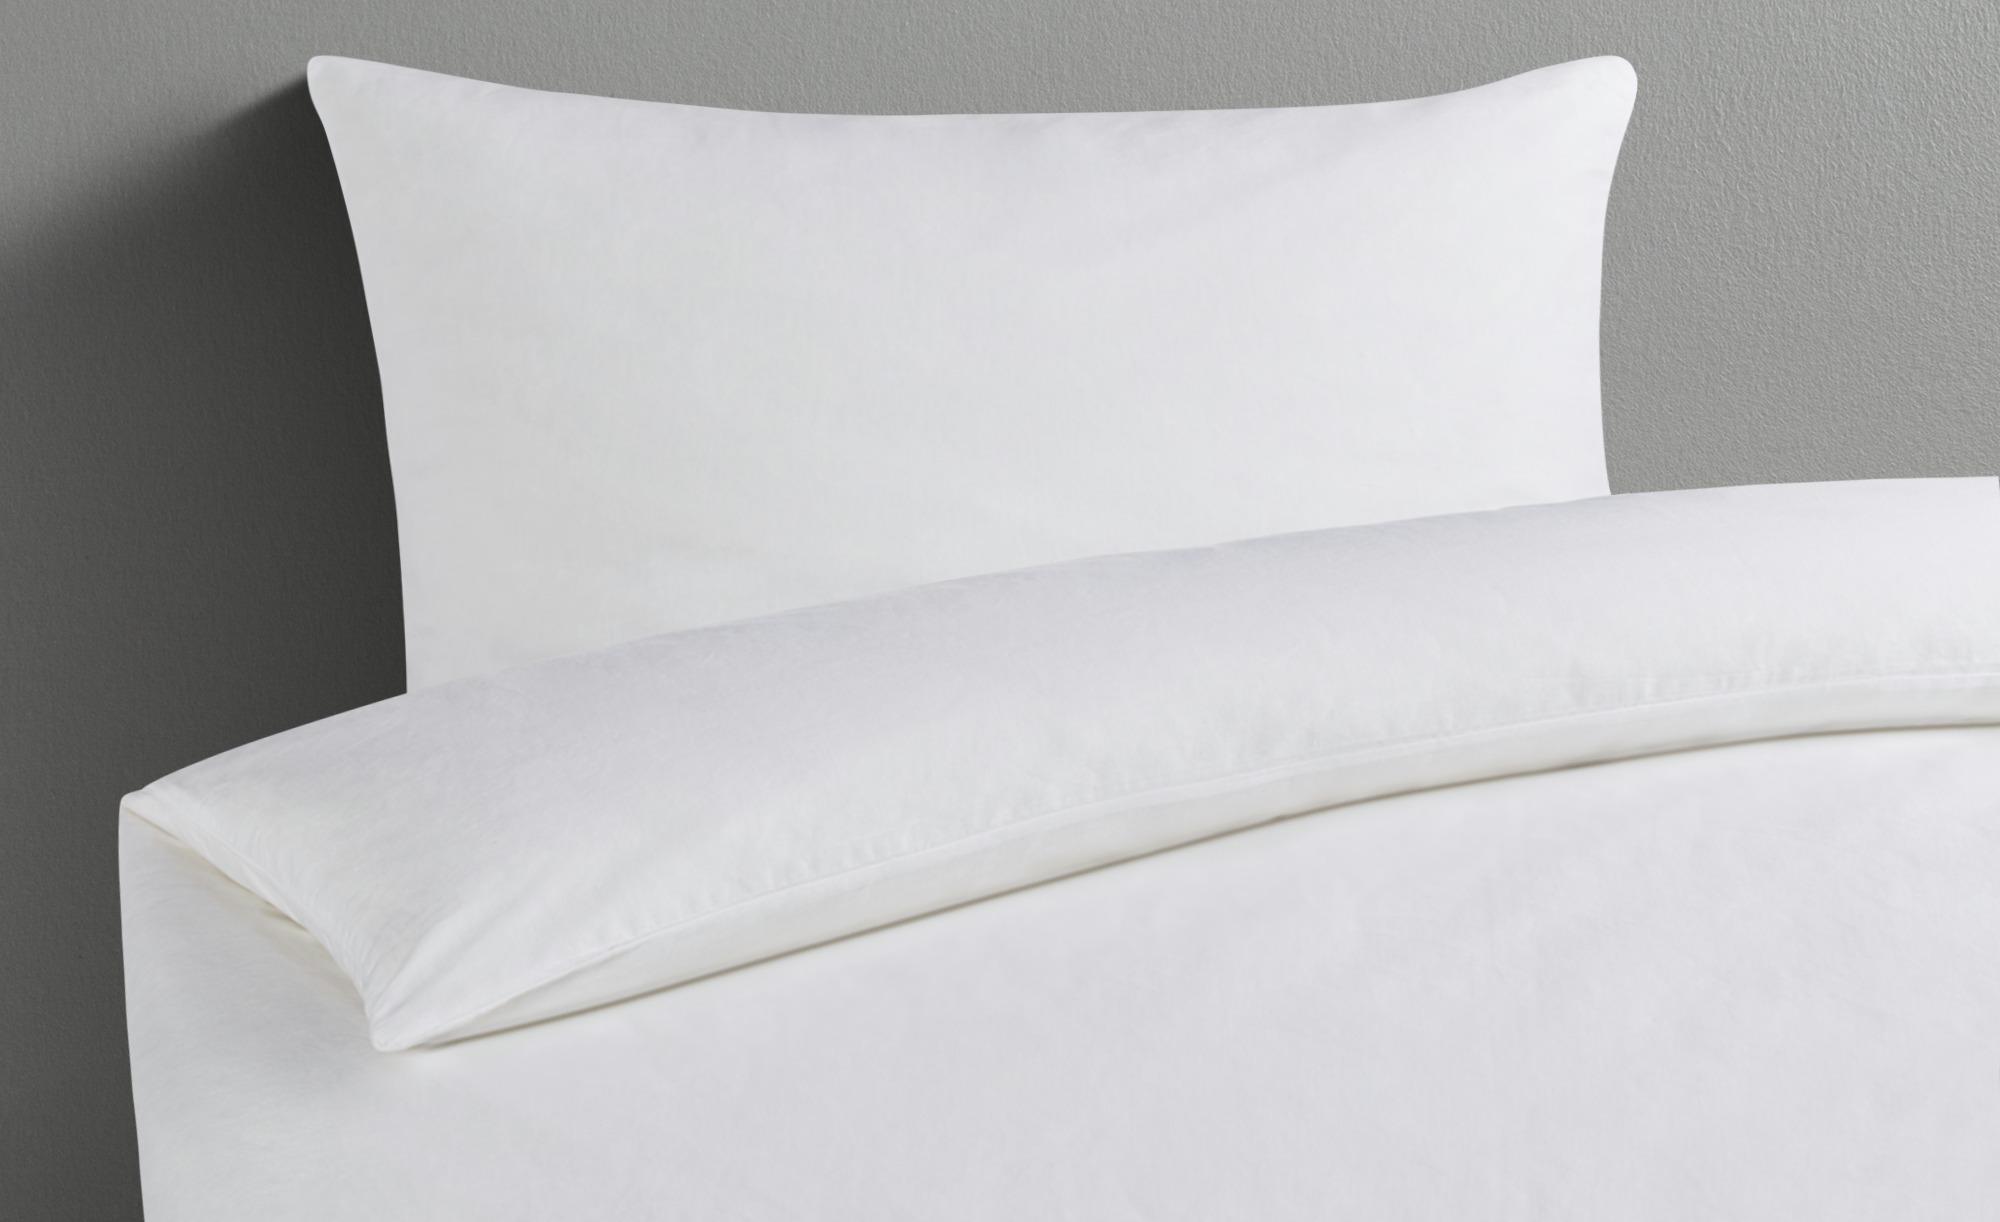 Como Leinen Bettwäsche Portofino Weiß 135x200 1x 80x80 Cm